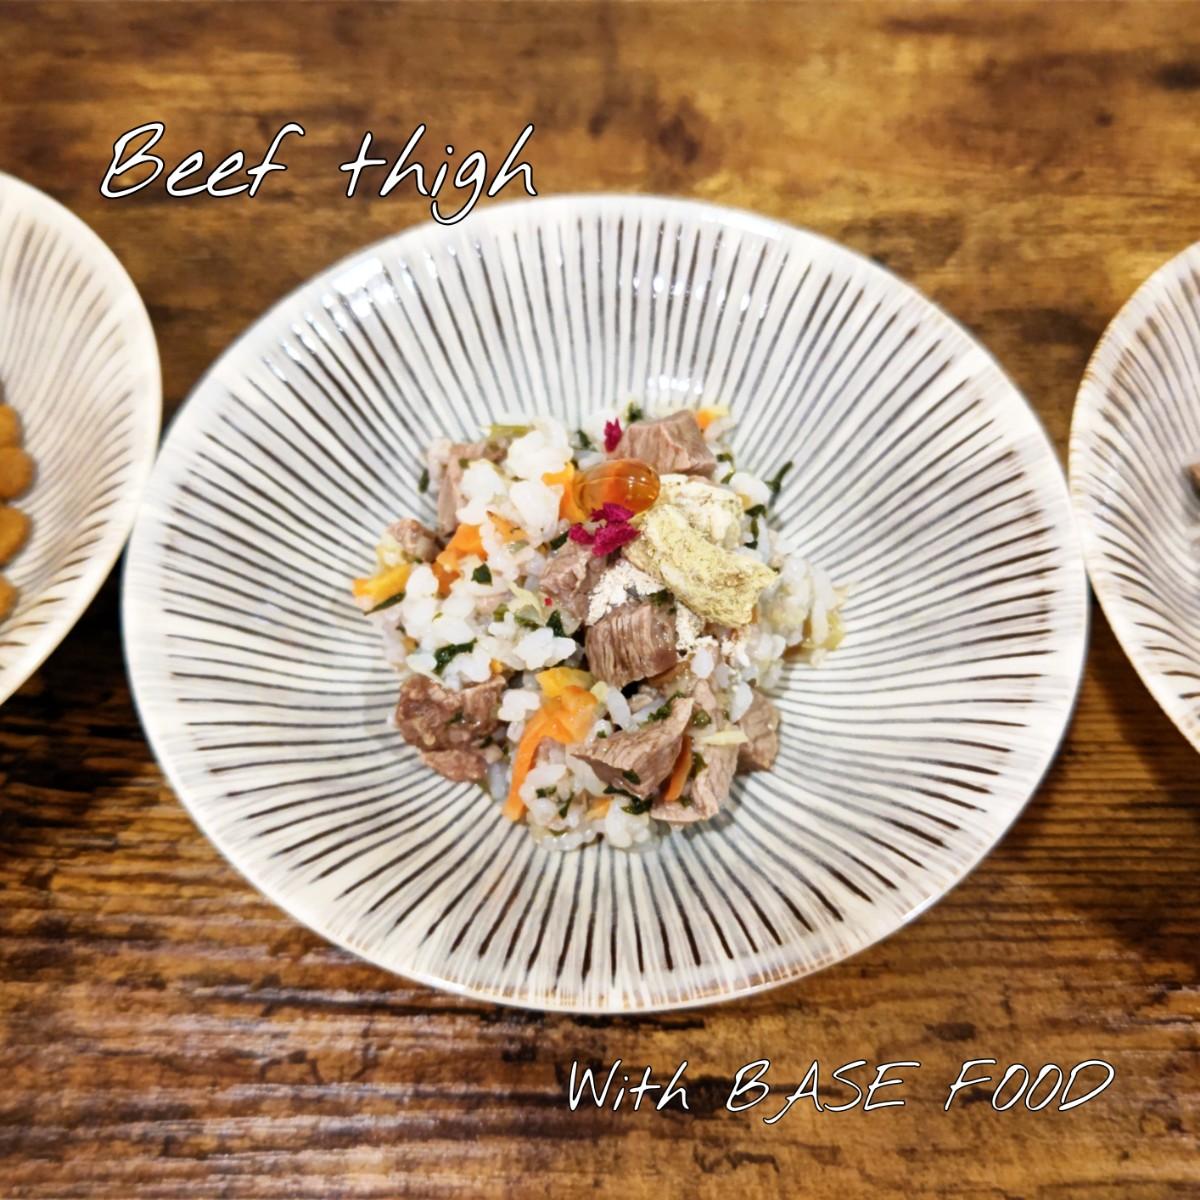 記事 牛モモ肉 with BASE FOODのアイキャッチ画像